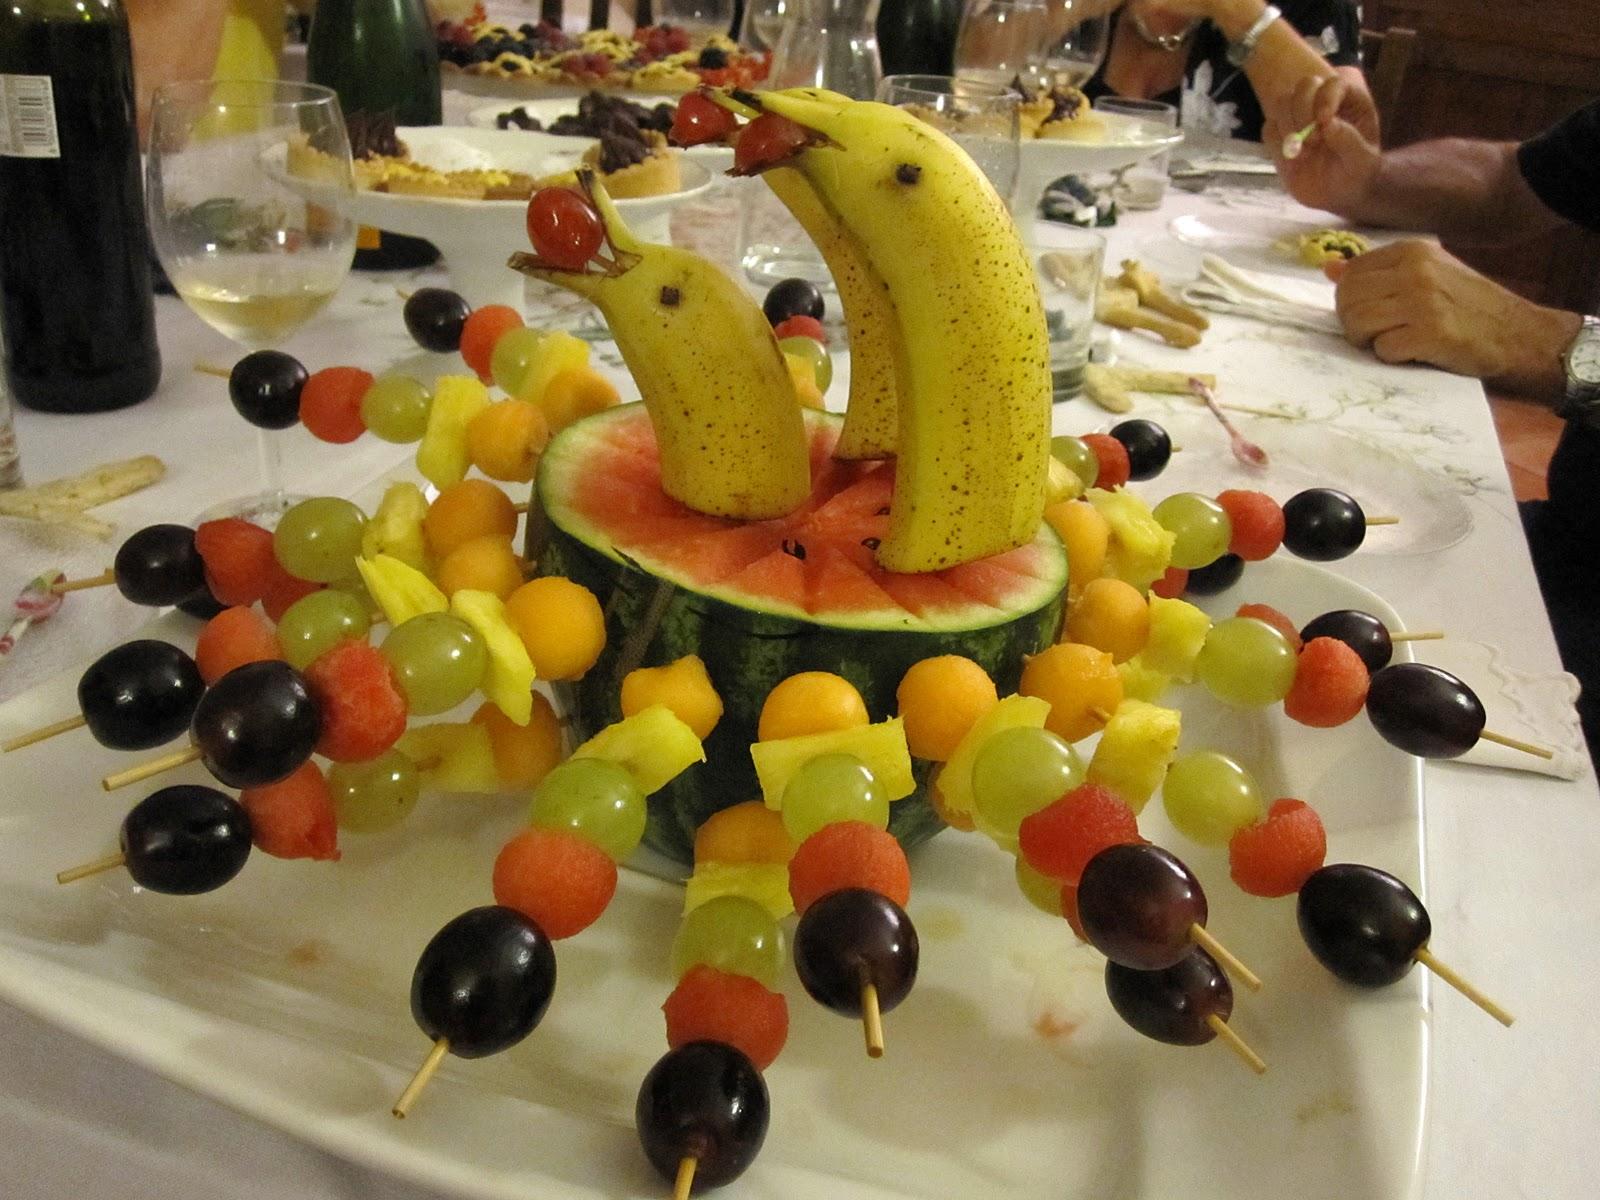 Ricette senza tempo spiedini di frutta - Contorno di immagini di frutta ...